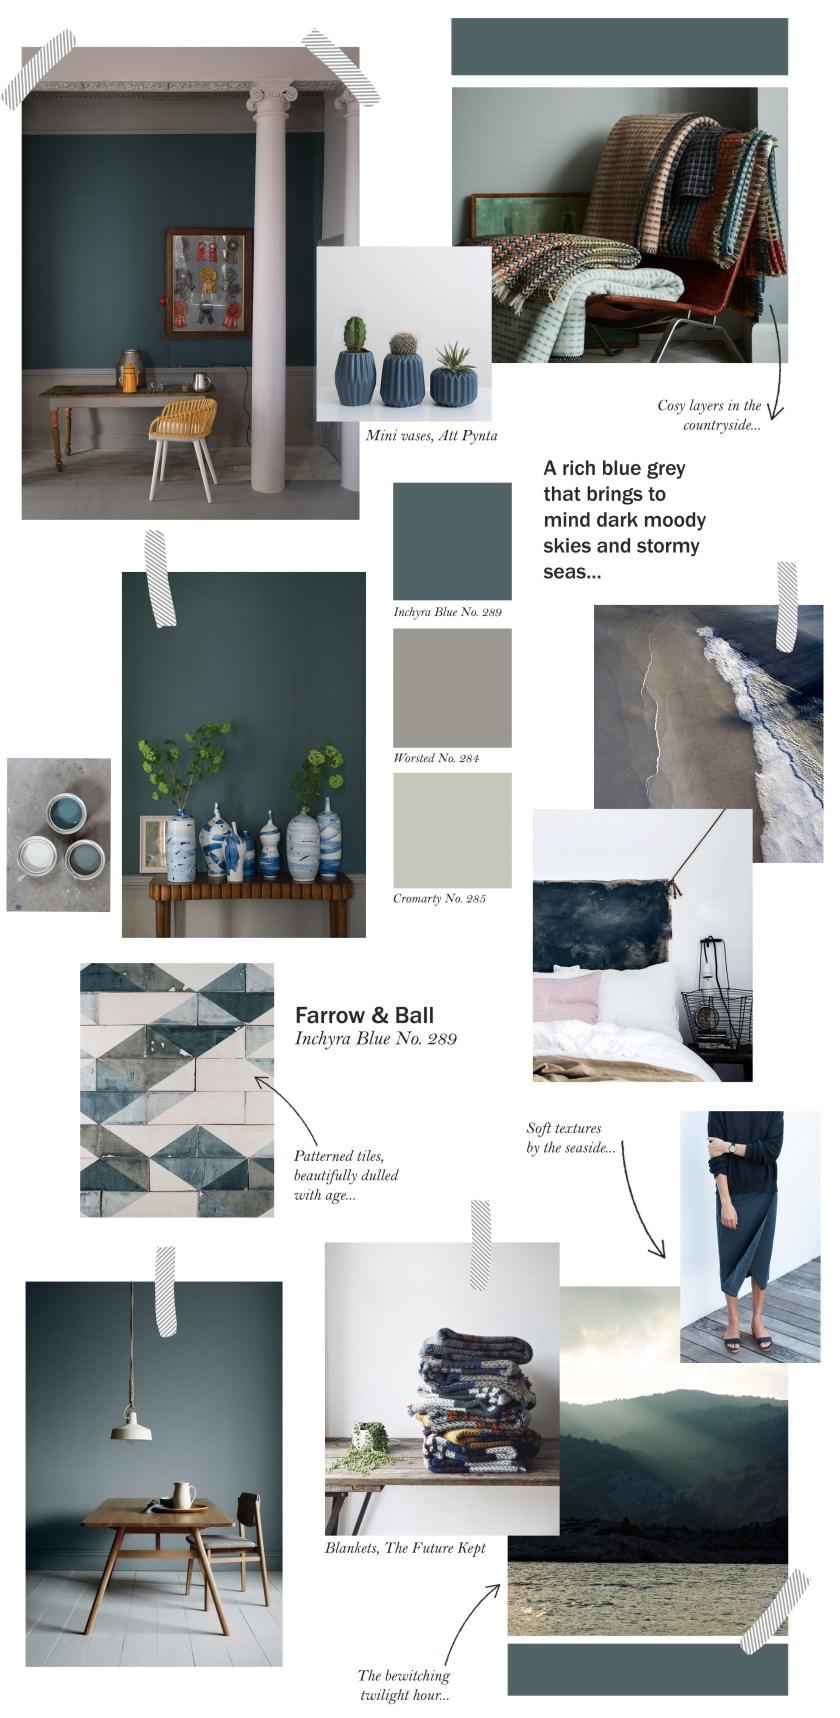 Farrow & Ball collage - Inchyra Blue